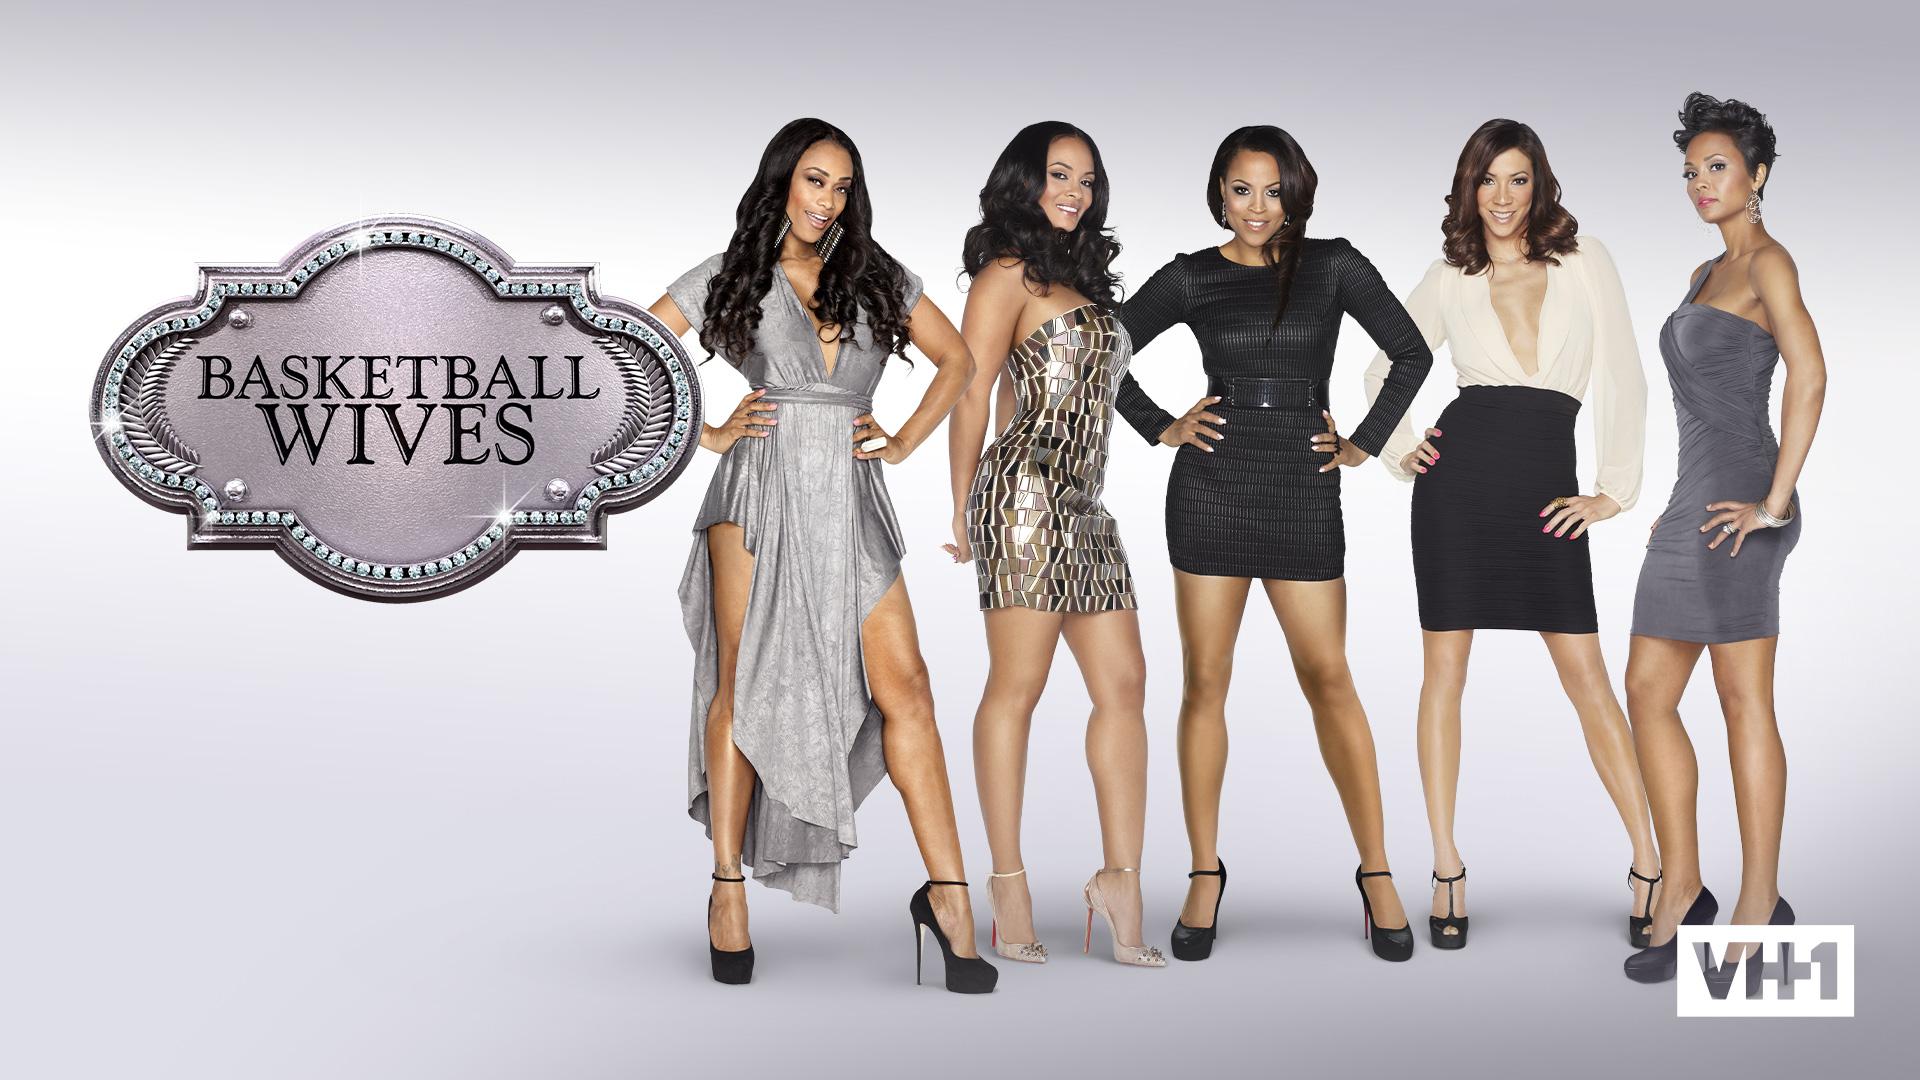 Basketball Wives Season 1